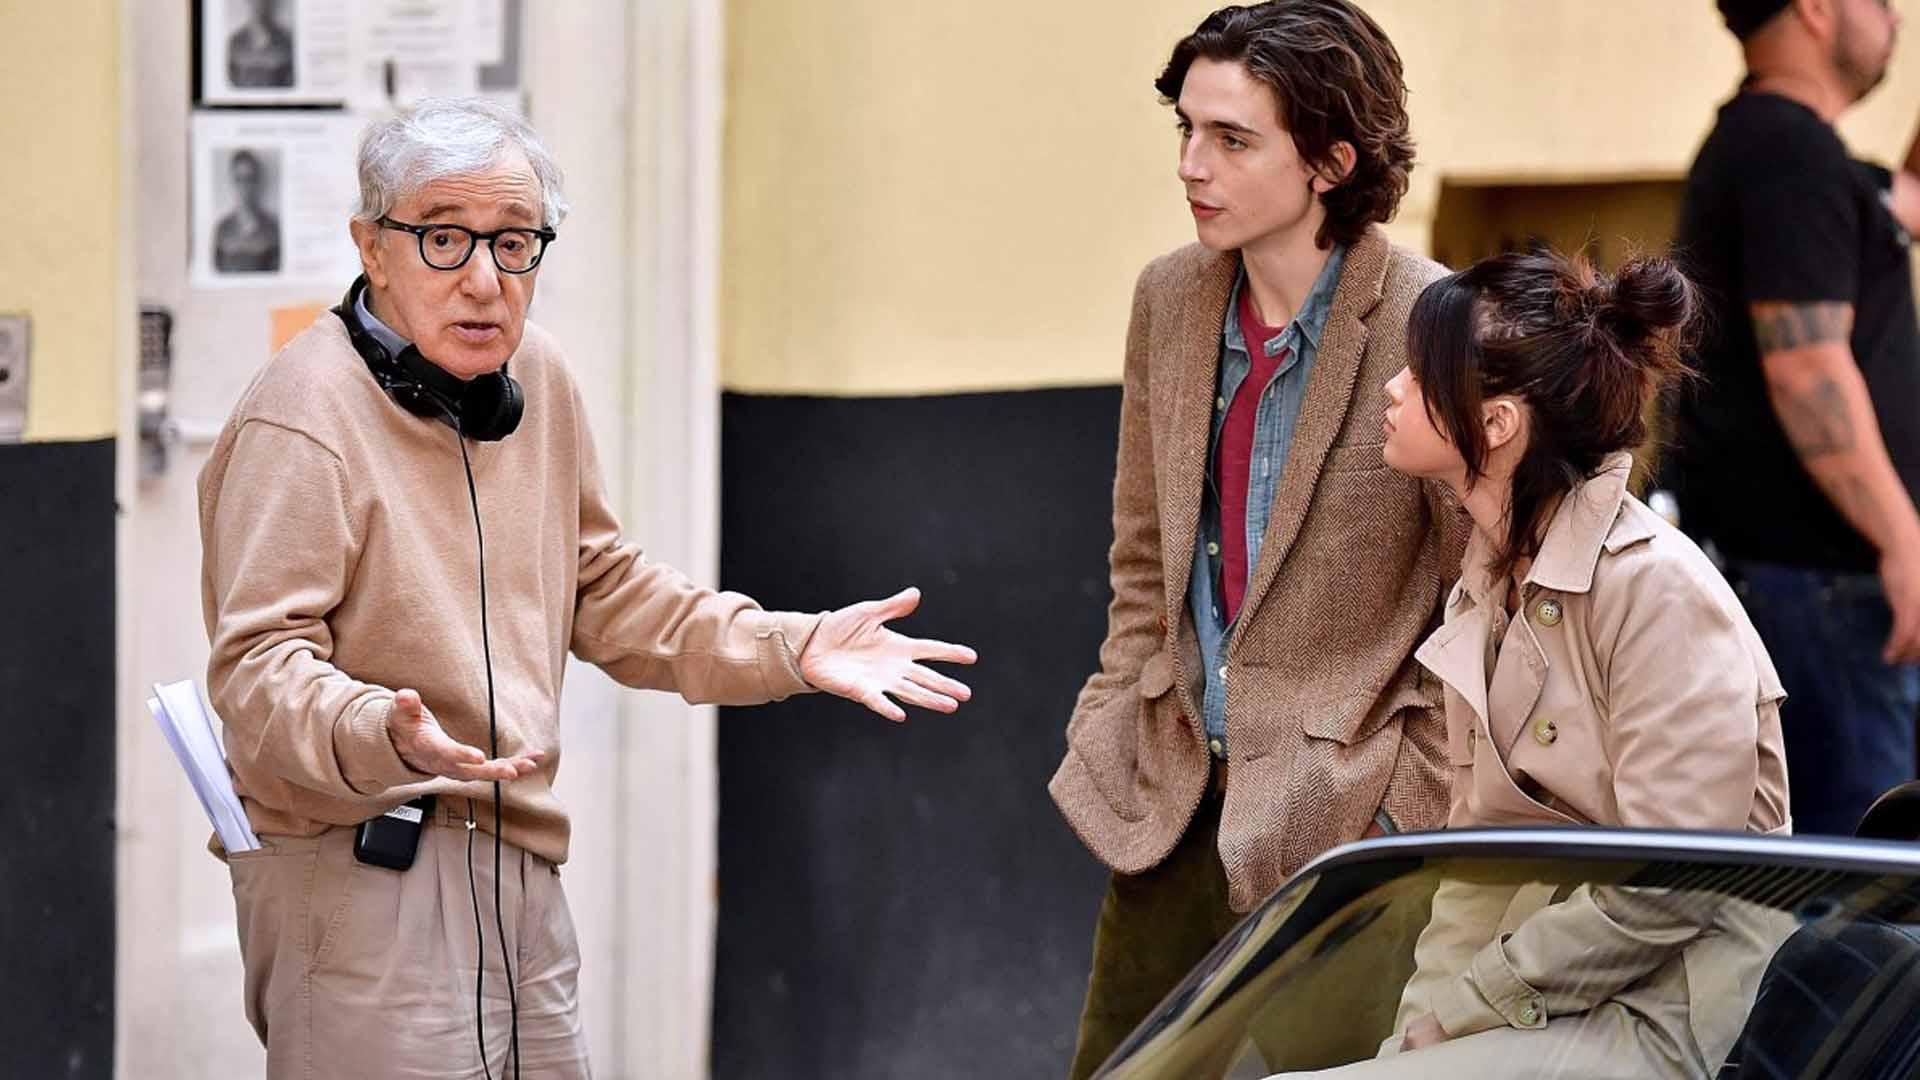 Il ritorno di Woody Allen al cinema convince poco